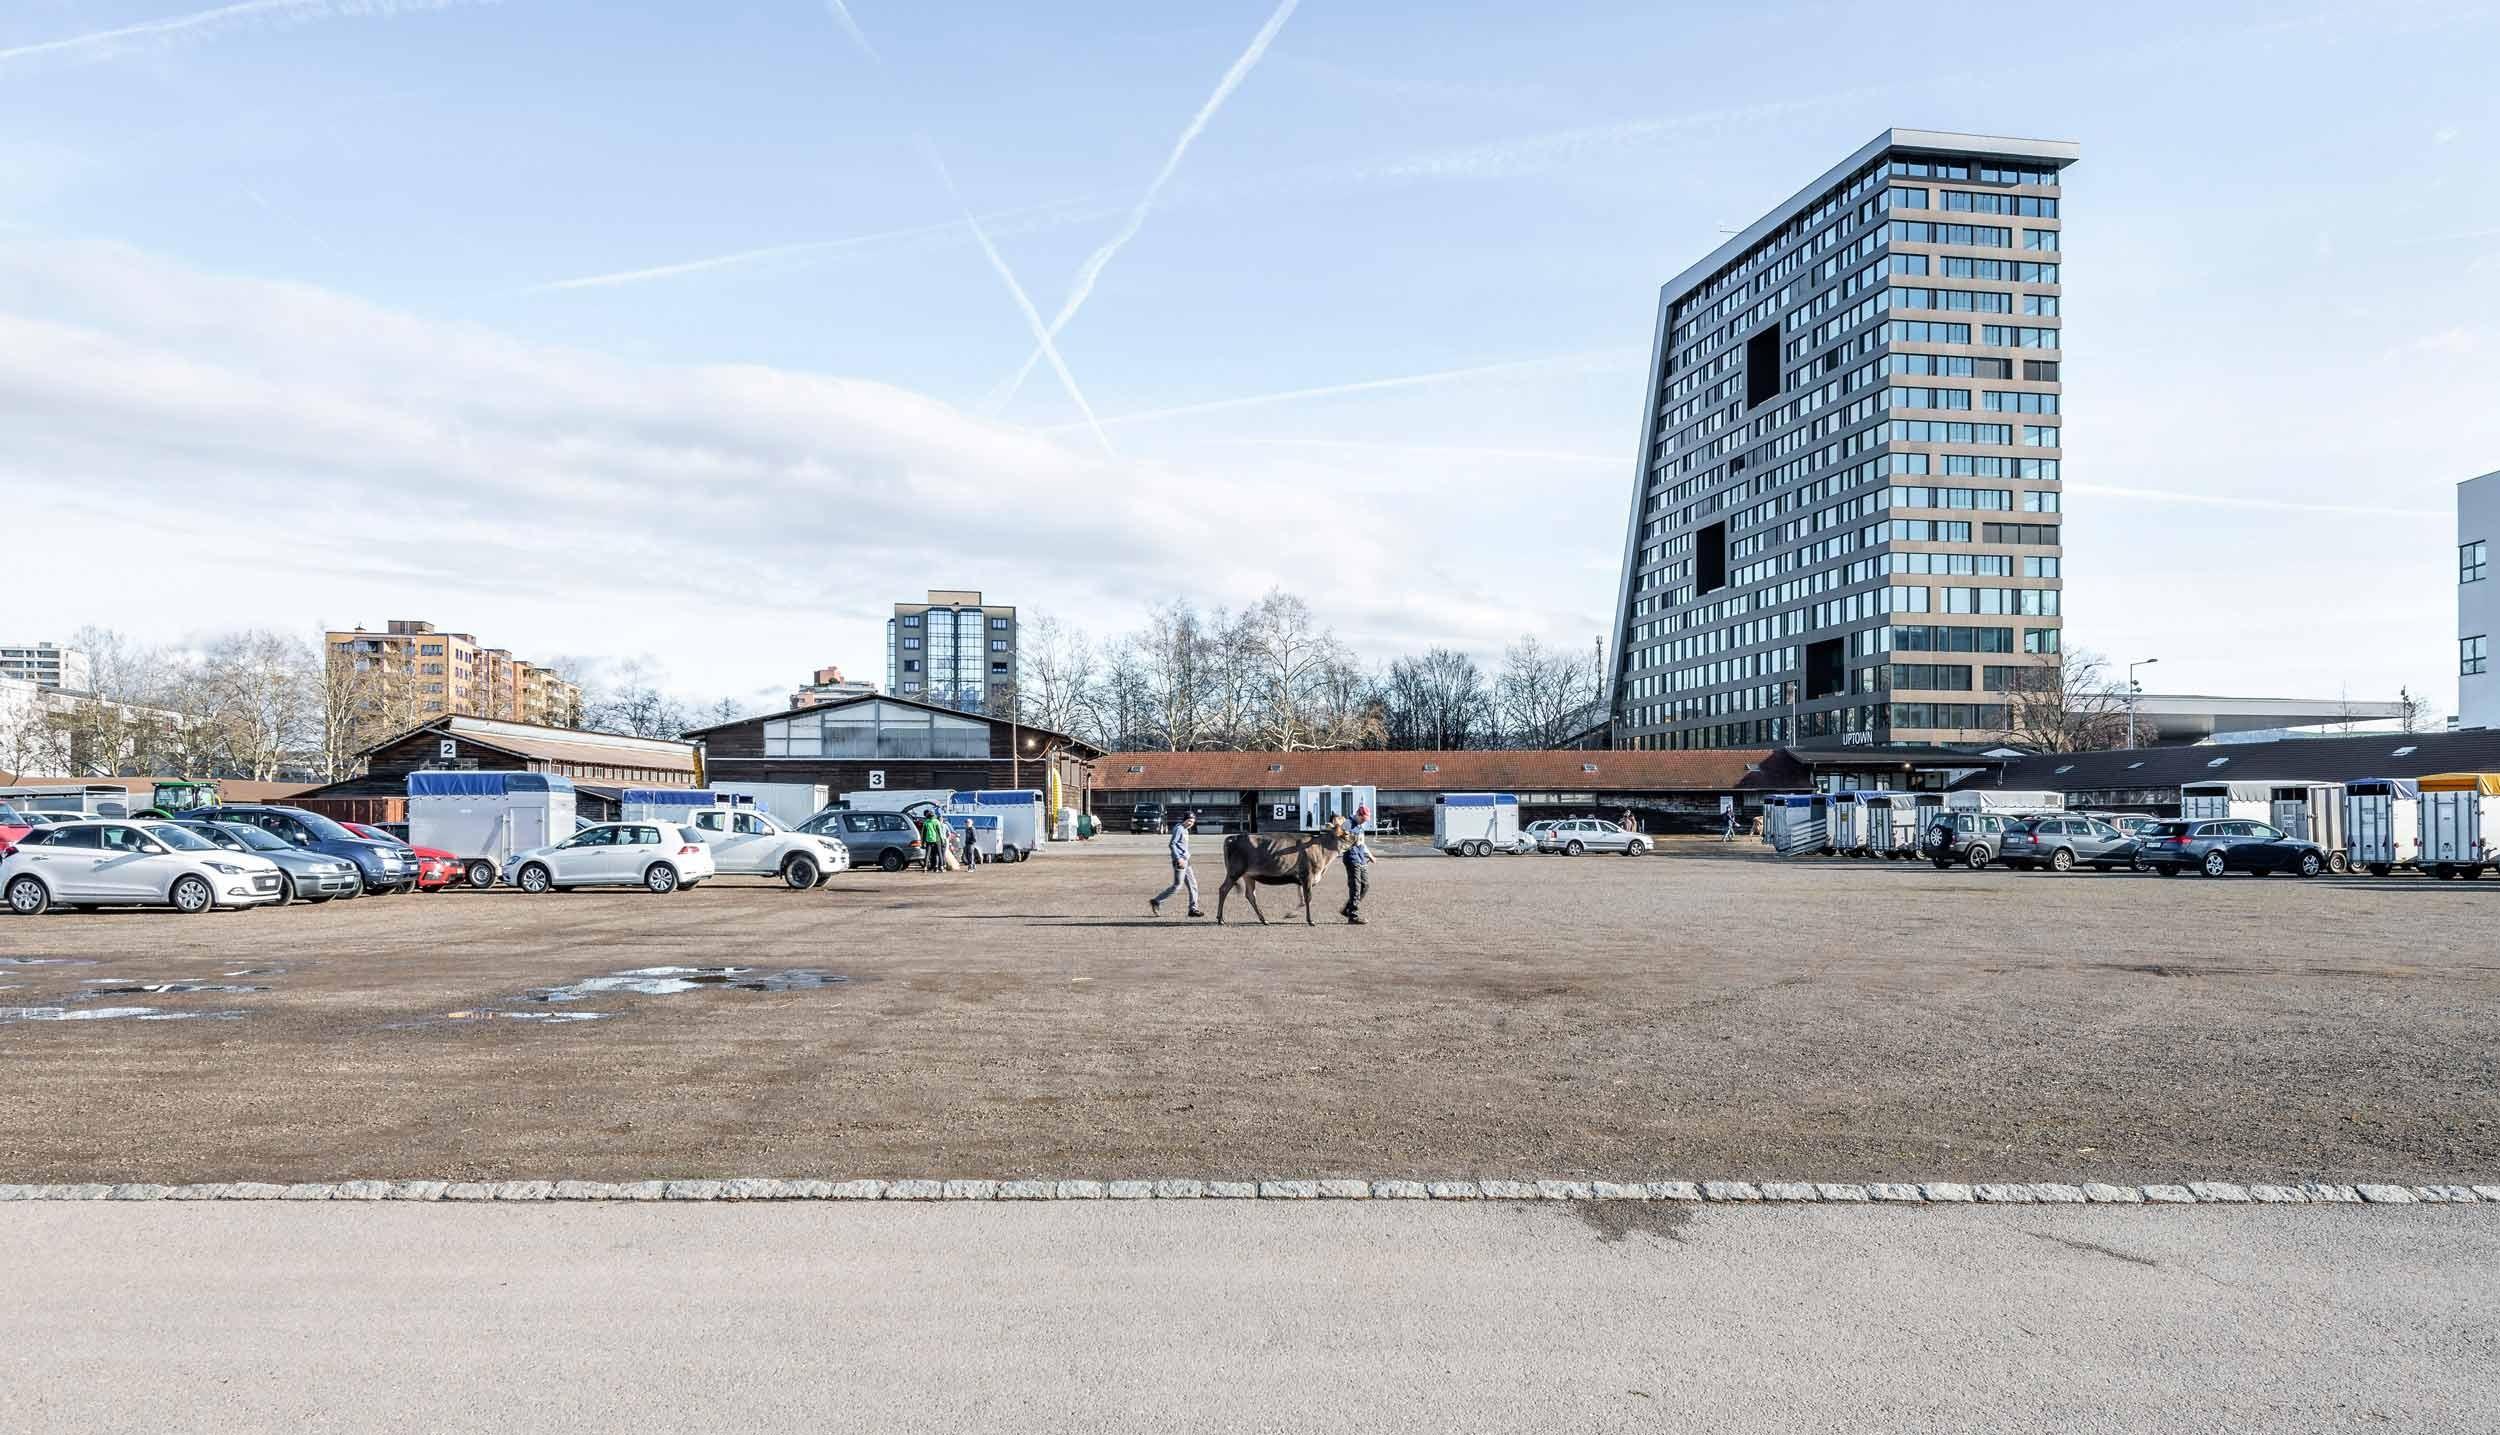 Stierenmarktareal Zug Architektur-Fotografie Regine Giesecke